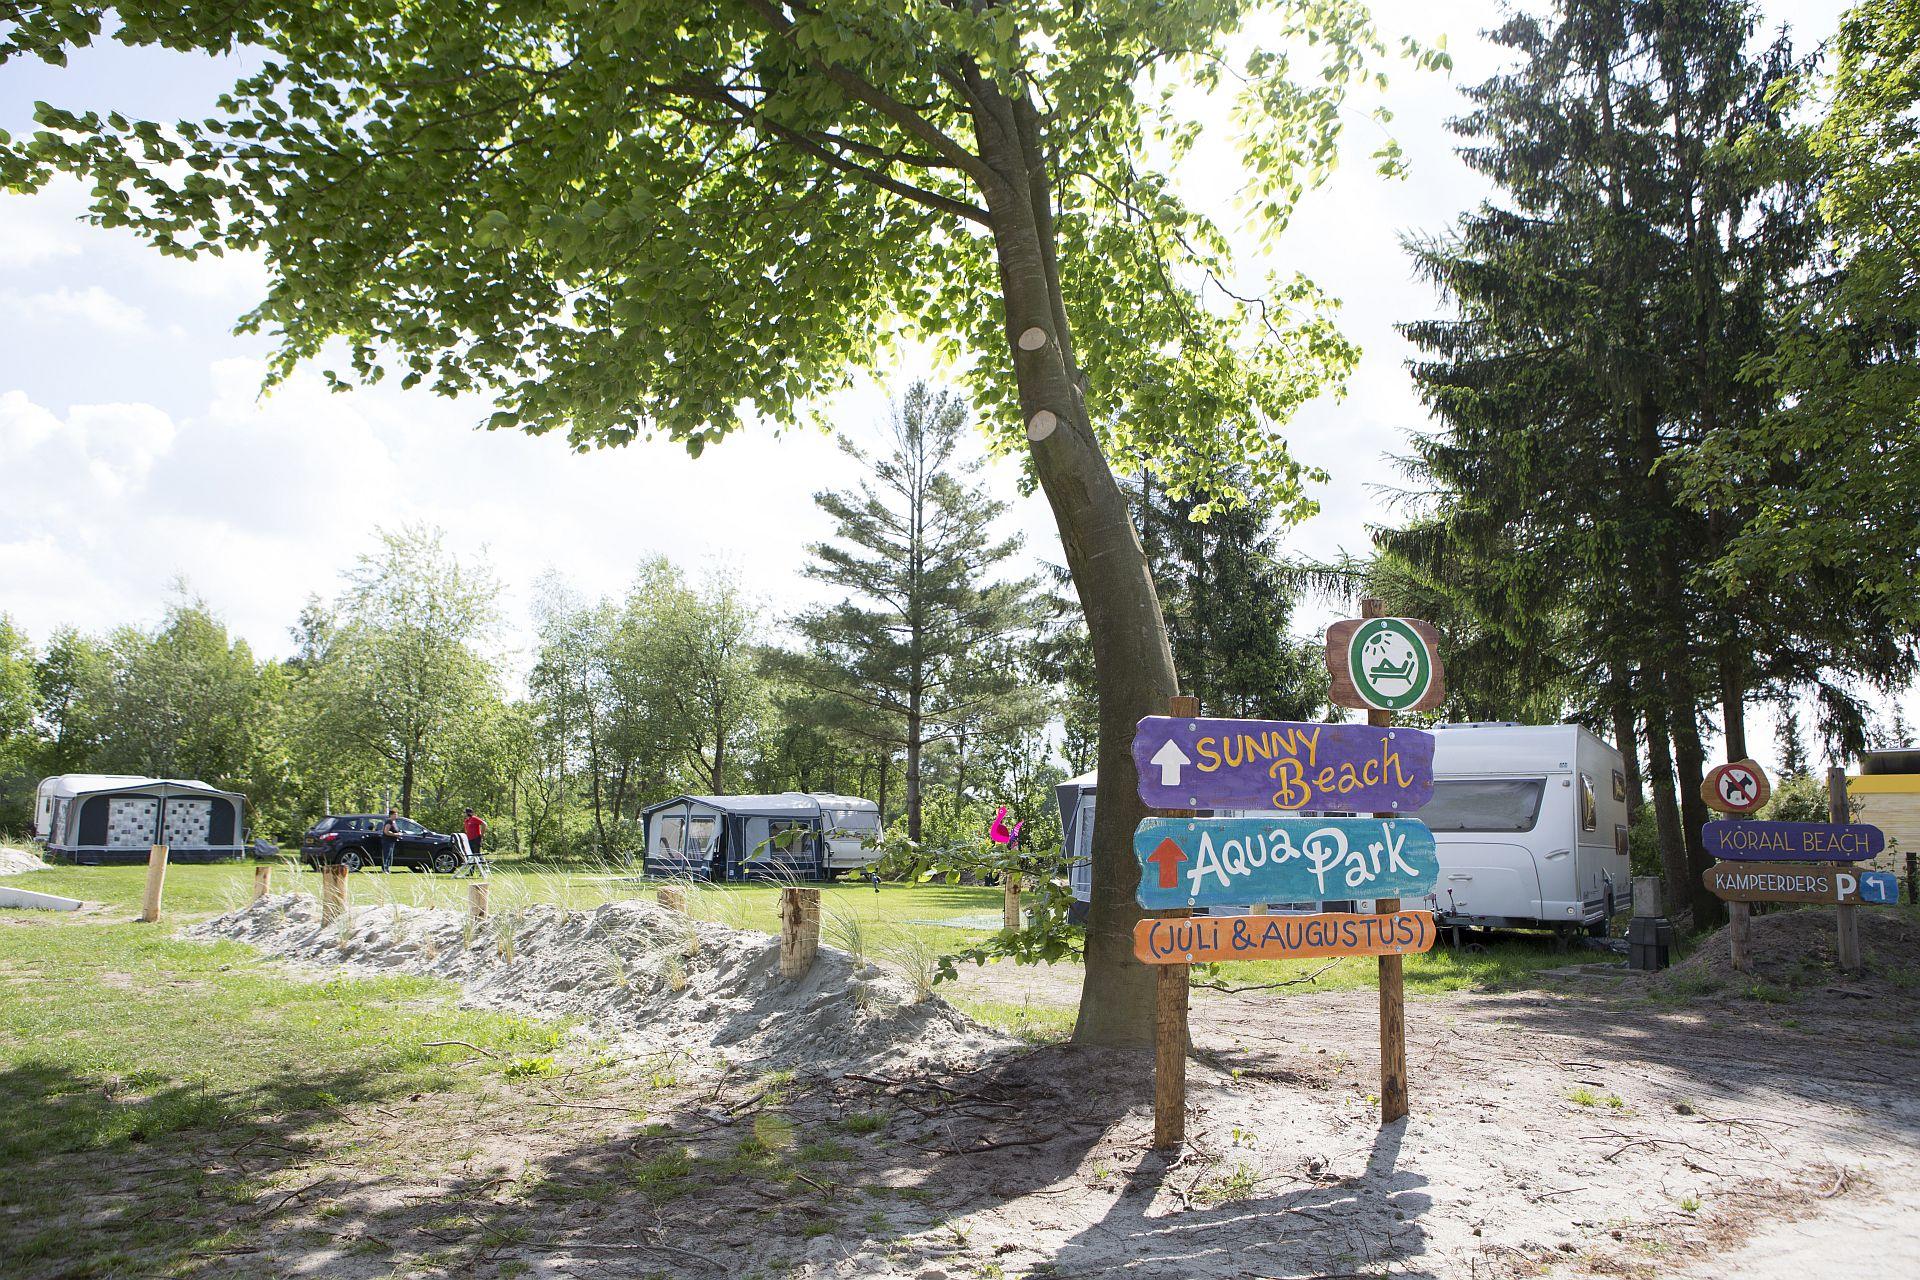 Gezinscamping in de buurt van Drenthe met 5* voorzieningen - gezinscamping in het mooie drenthe